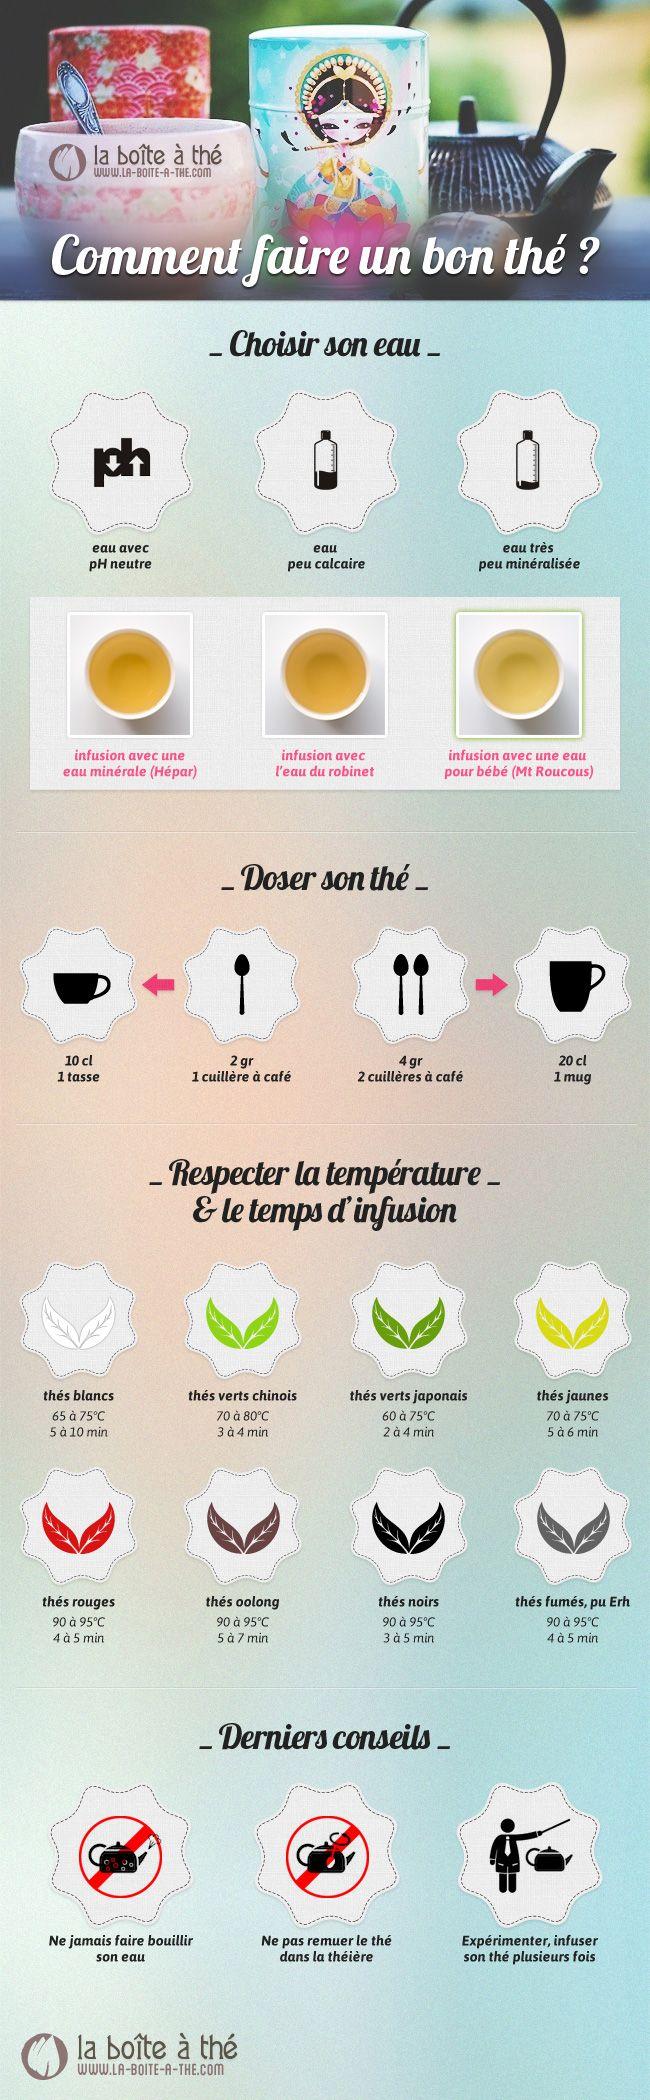 Comment faire un bon thé ?